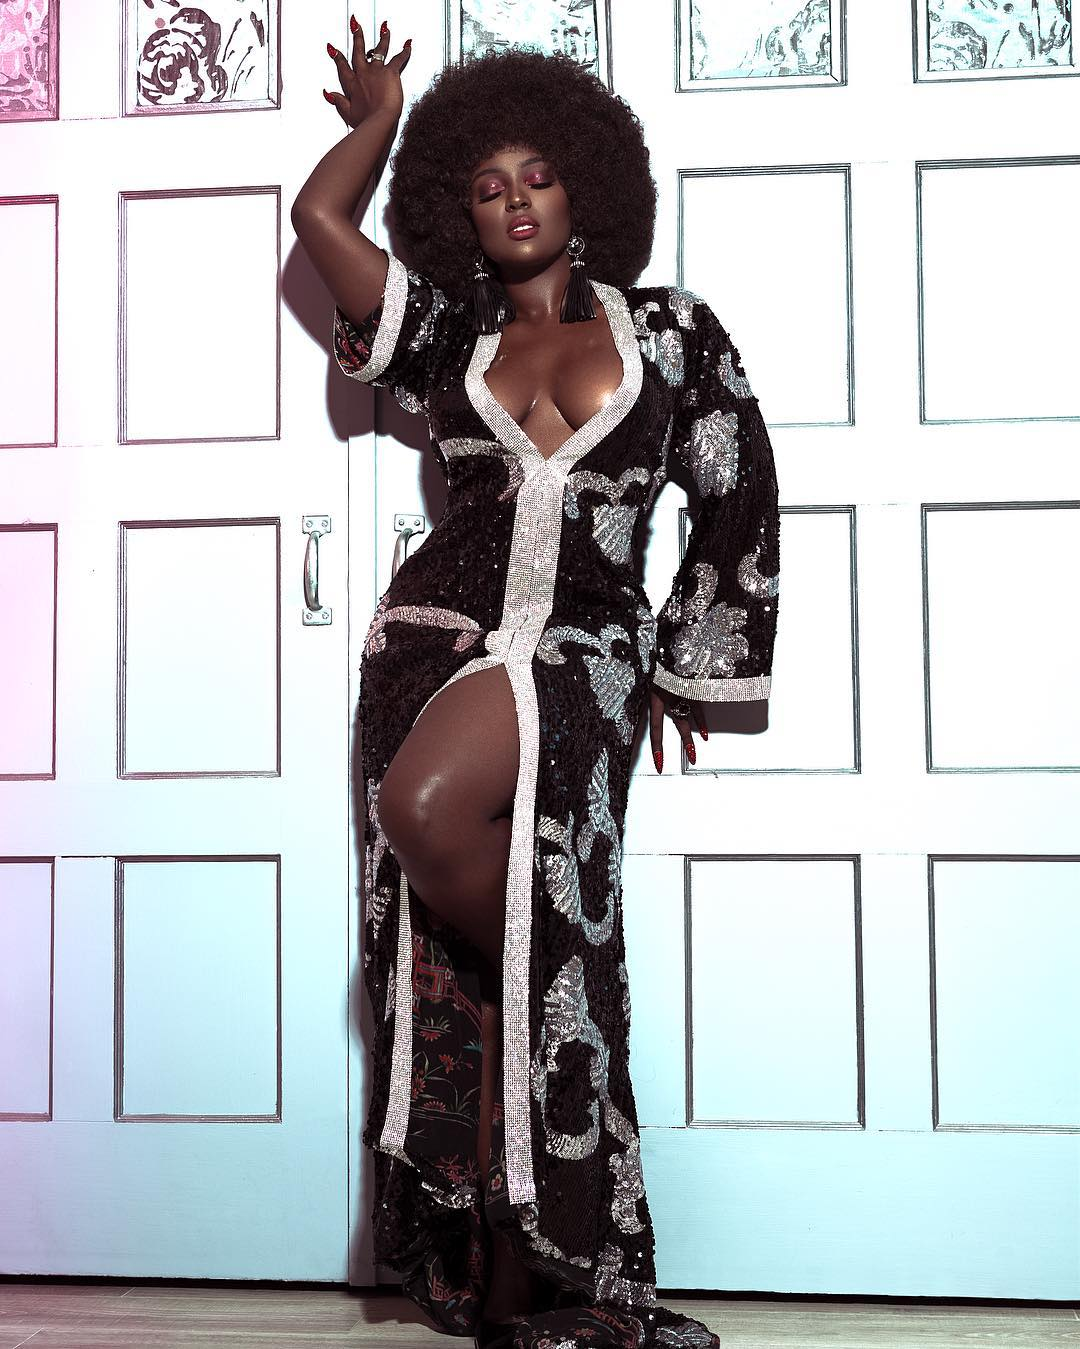 Beautiful Classic Black Women